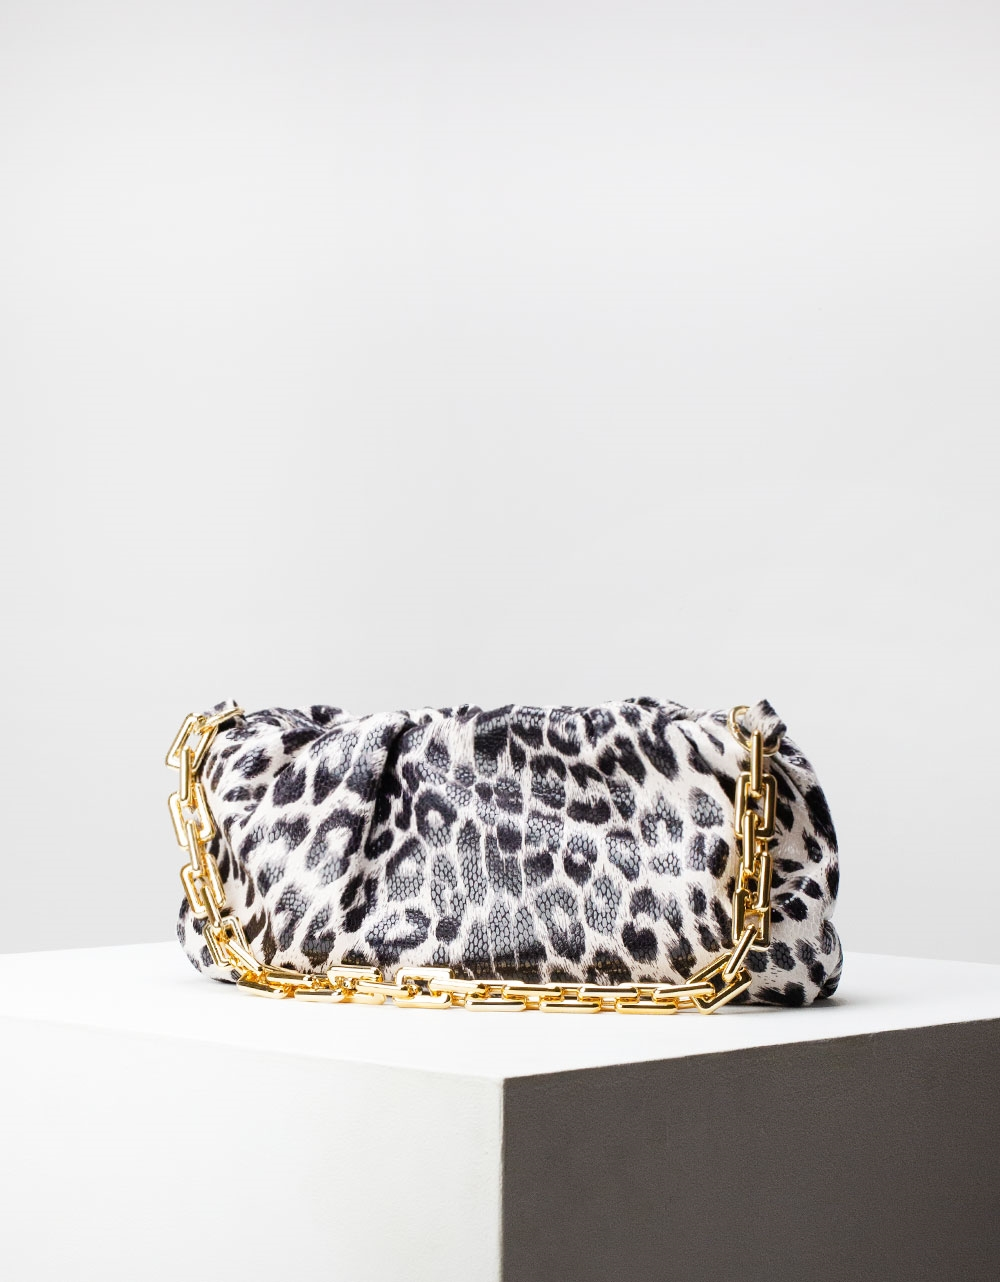 Εικόνα από Γυναικεία τσάντα ώμου & χιαστί με διάφορα σχέδια Μαύρο